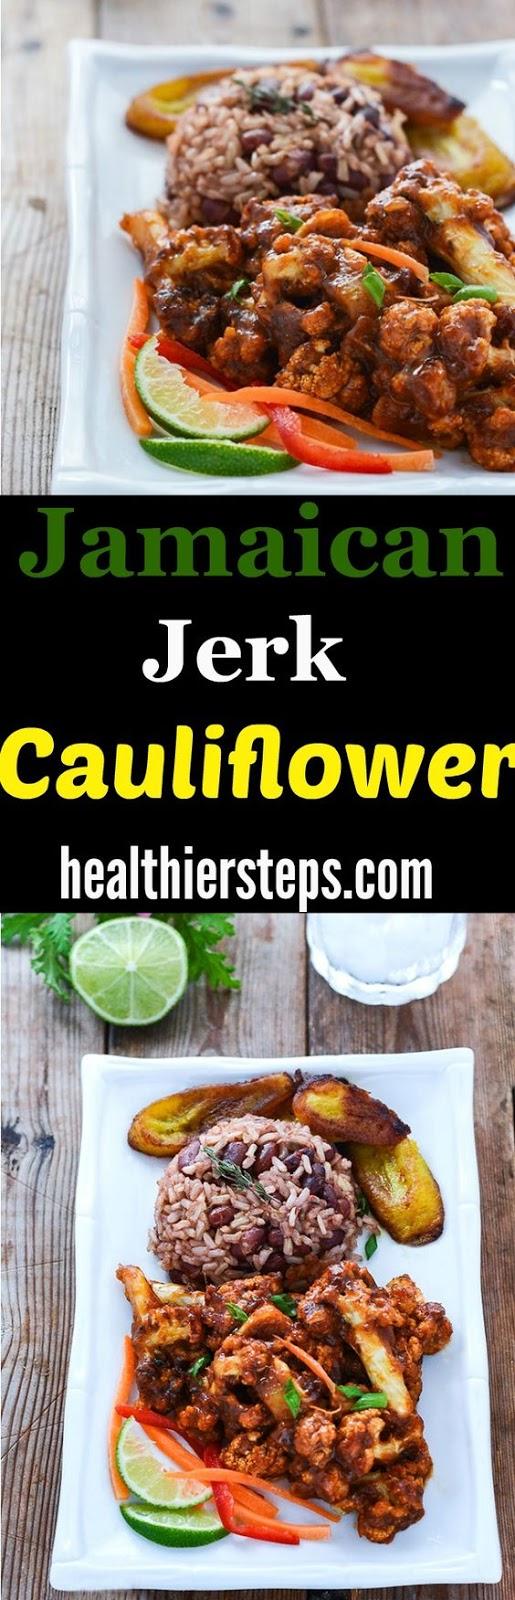 Jamaican Jerk Cauliflower